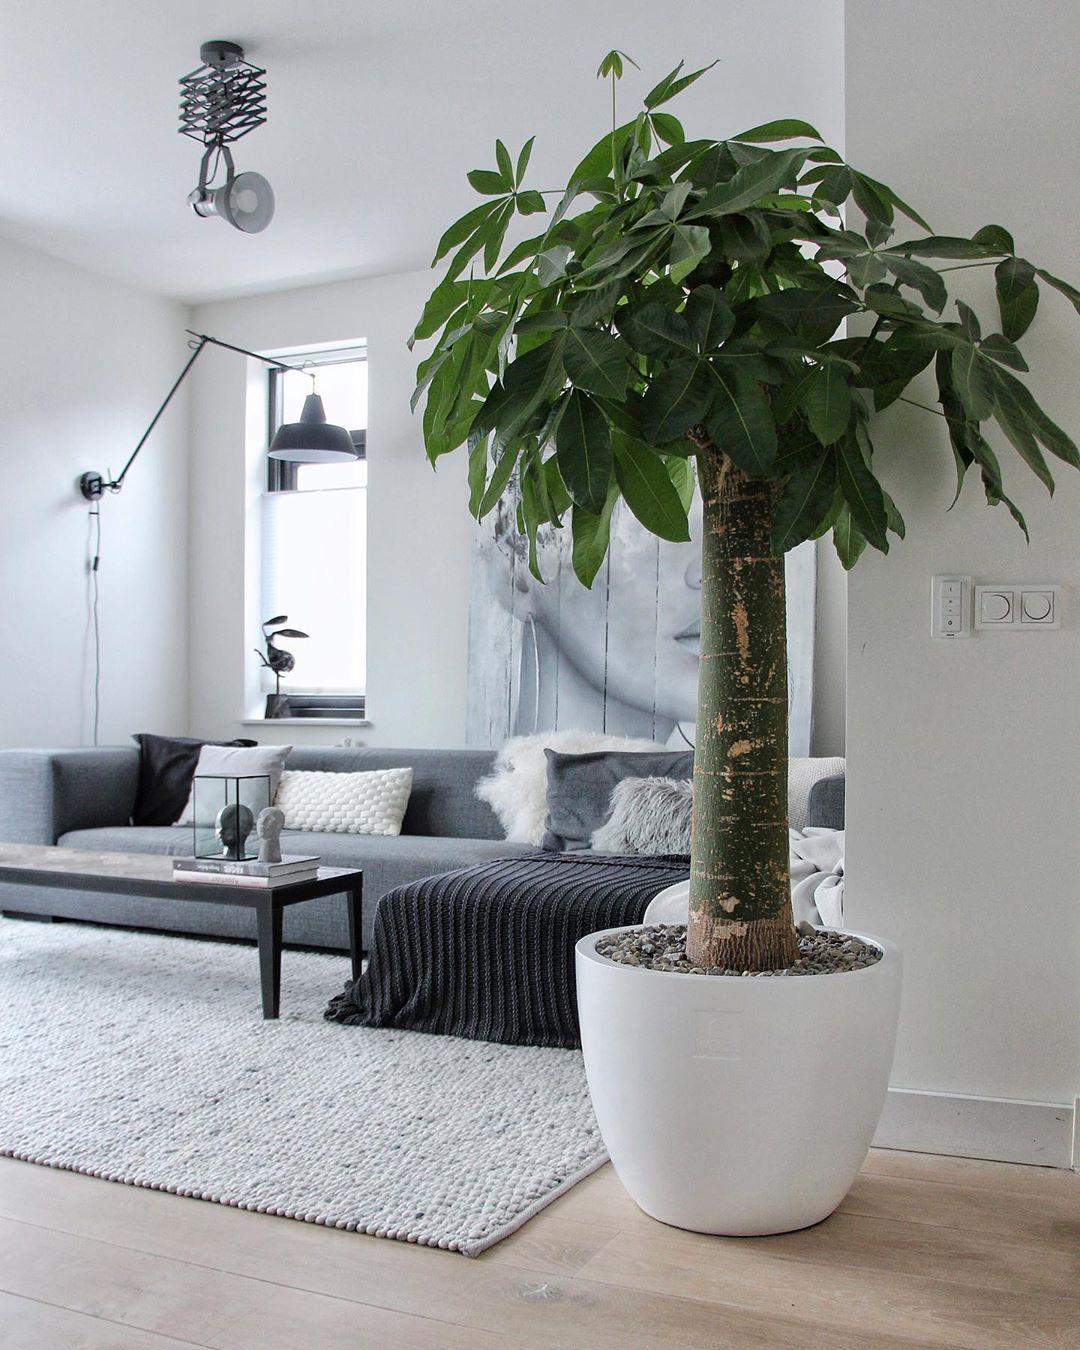 Indoor Money Tree In 2020 Money Trees House Plants Indoor Plants #plants #in #living #room #feng #shui